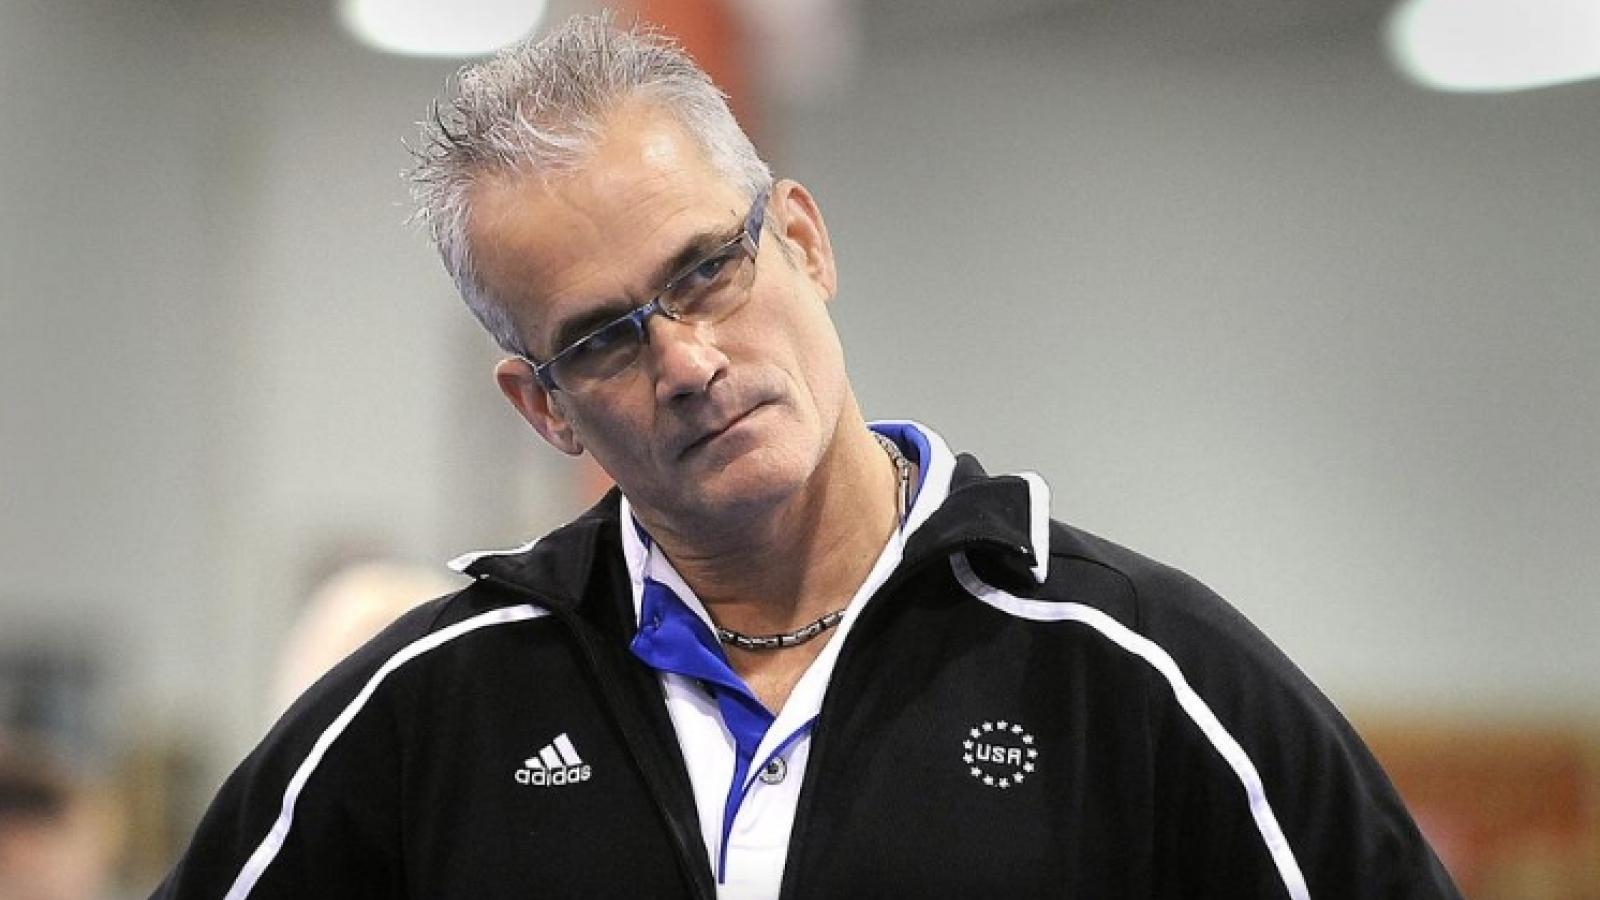 Cựu HLV ĐT Thể dục dụng cụ của Mỹ tự sát sau khi bị buộc tội tấn công tình dục